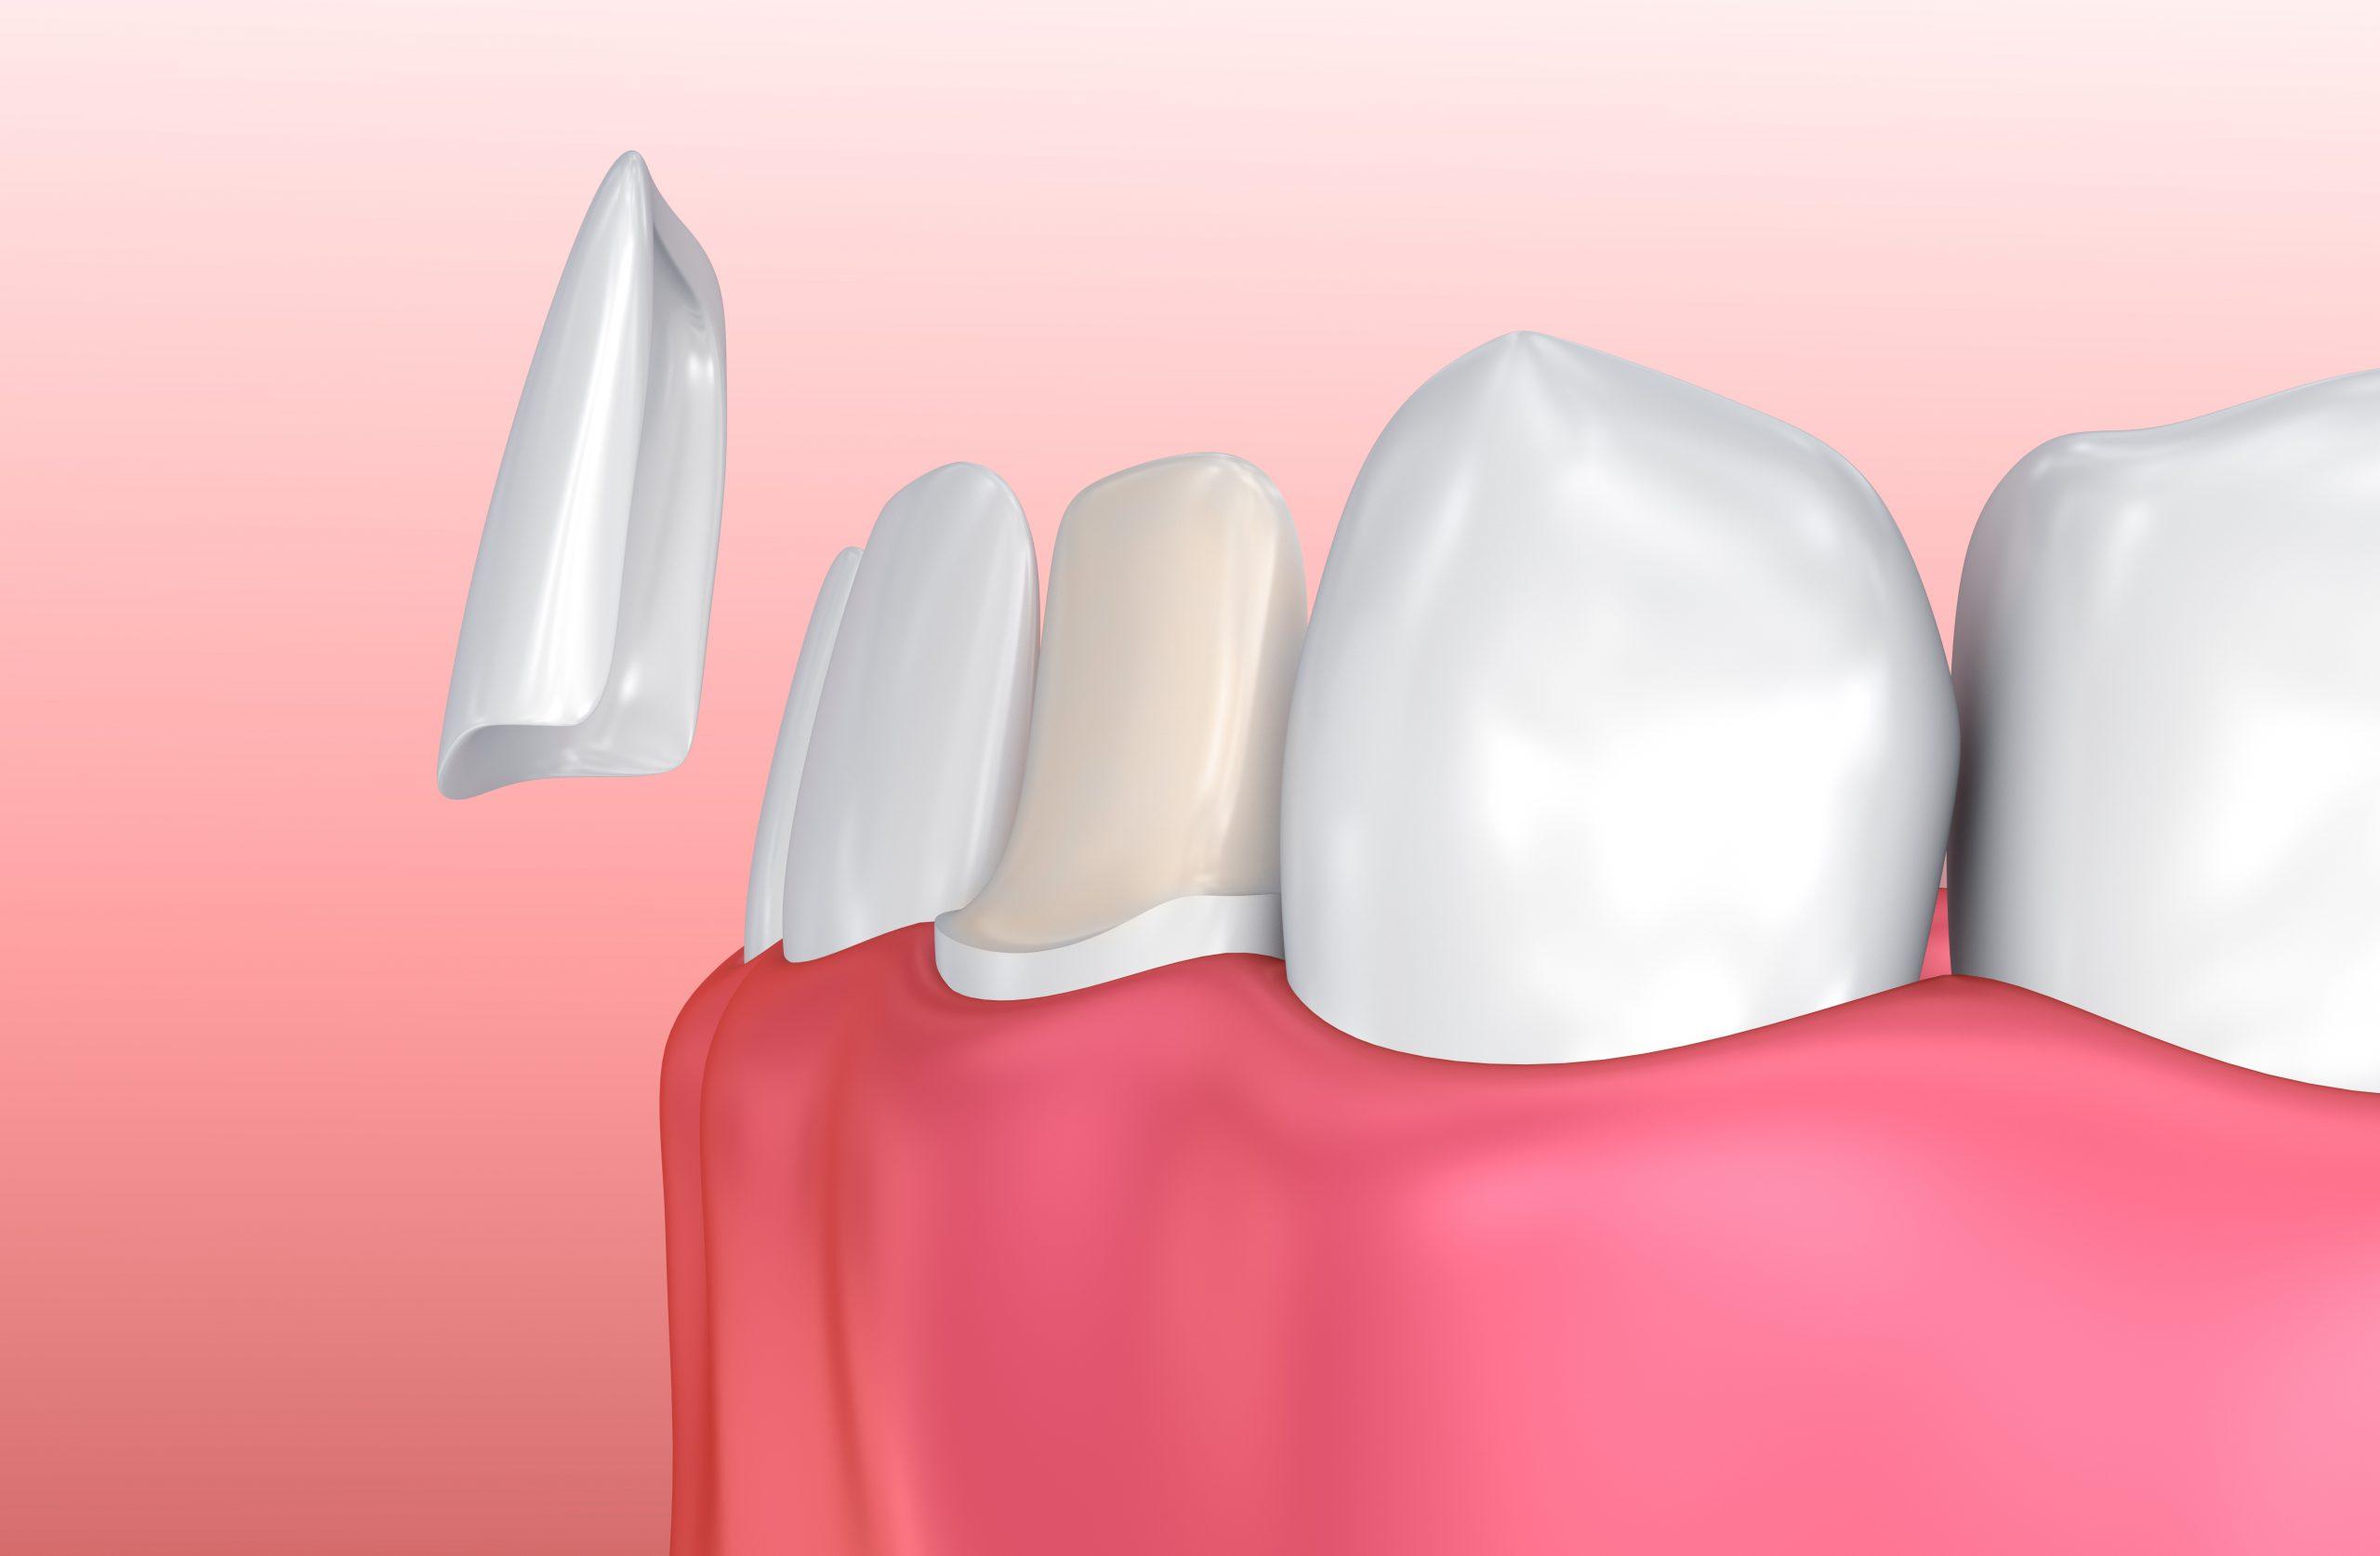 faceta de dente